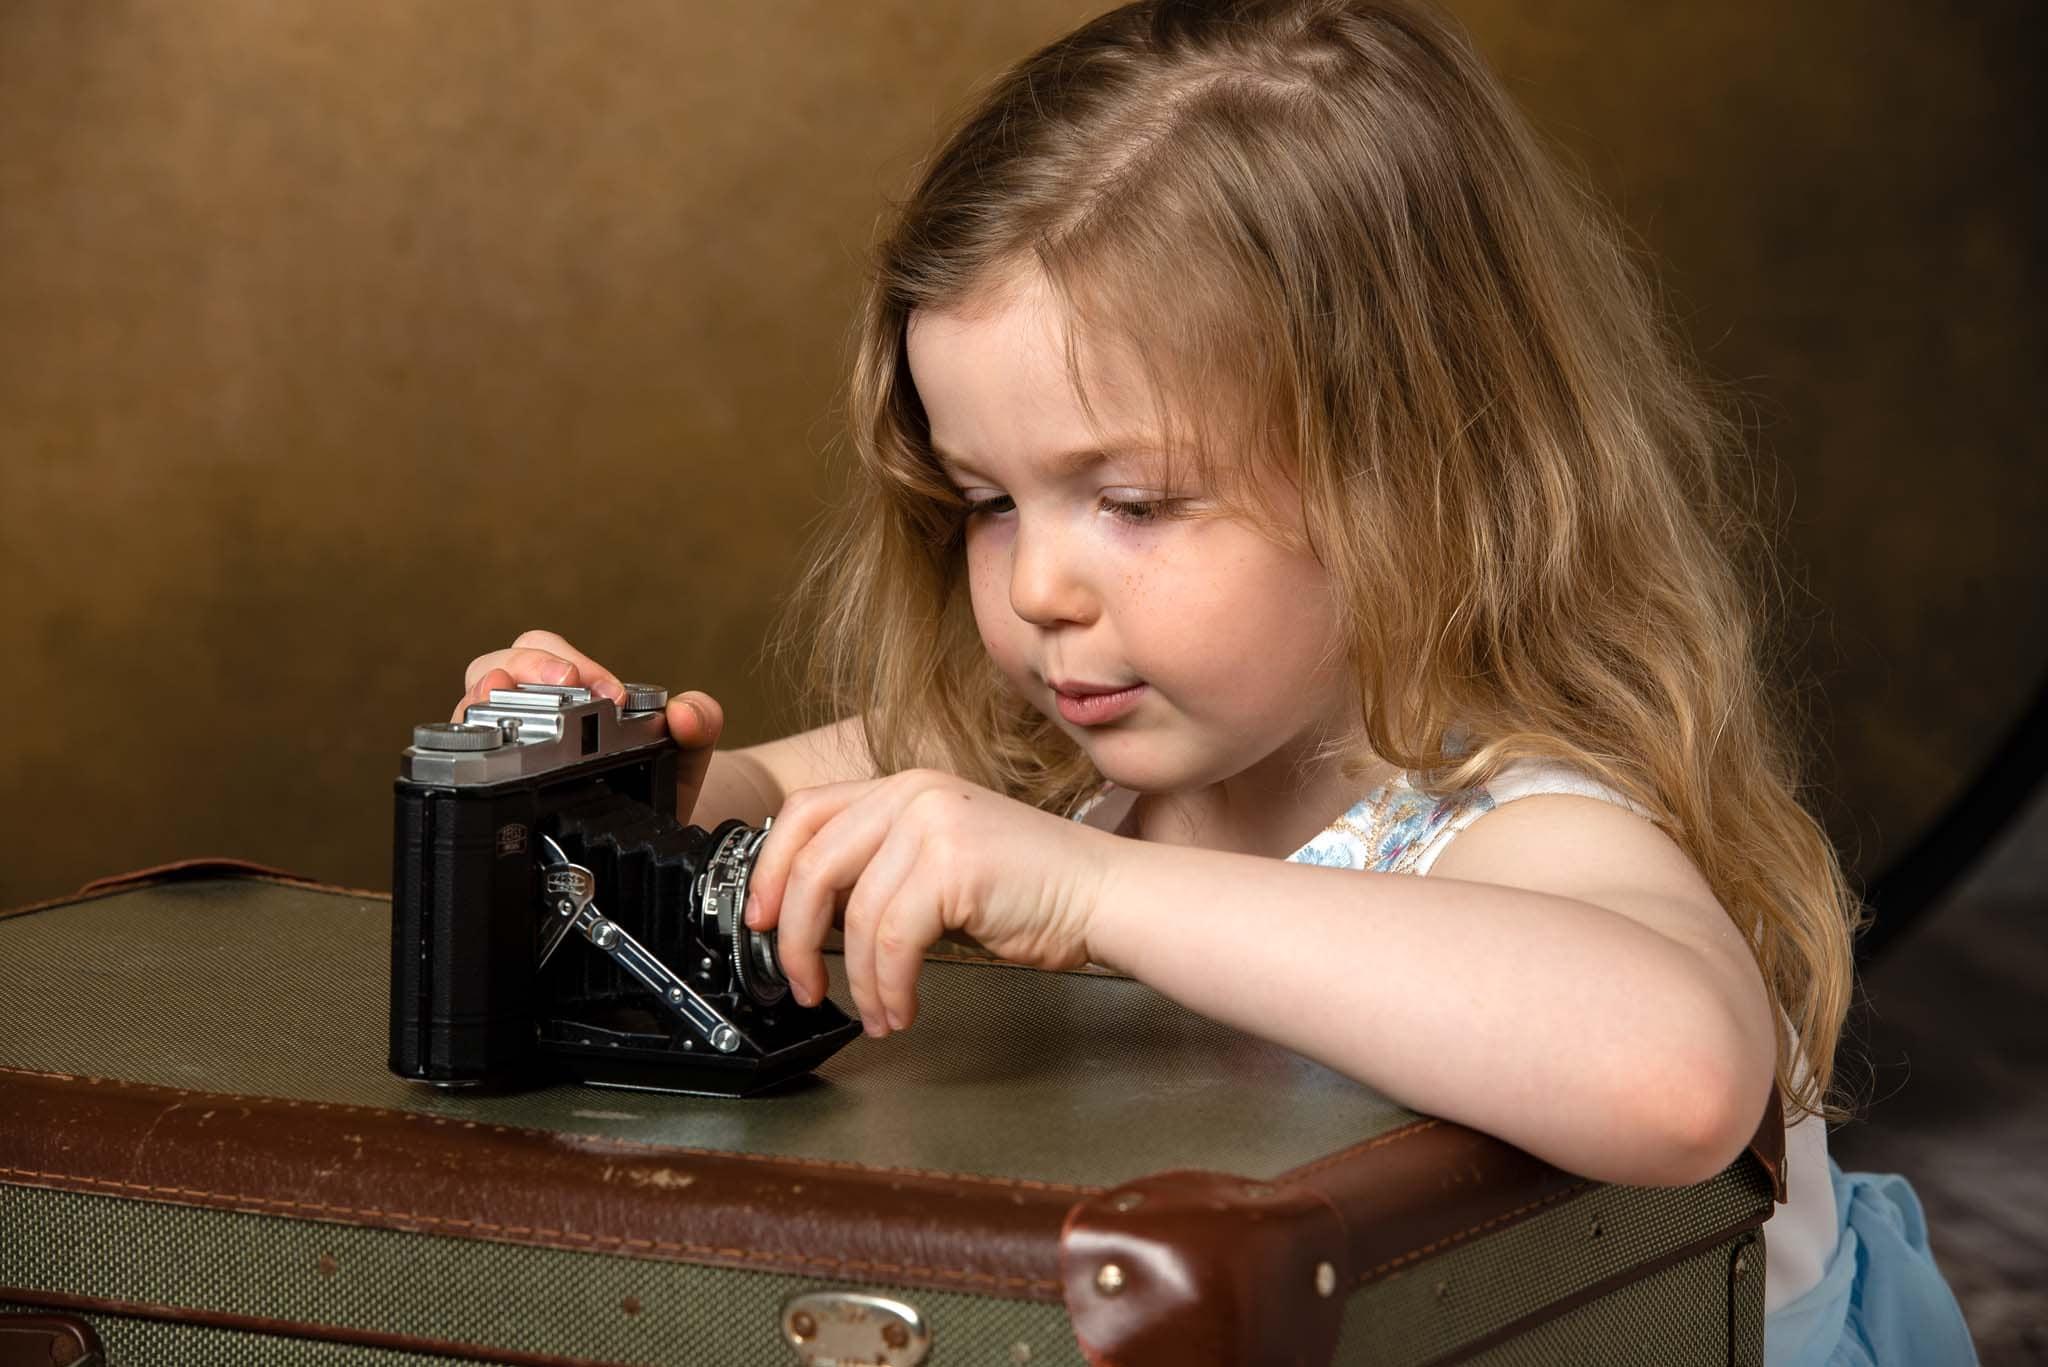 Studiofoto barn 5 år med kamera